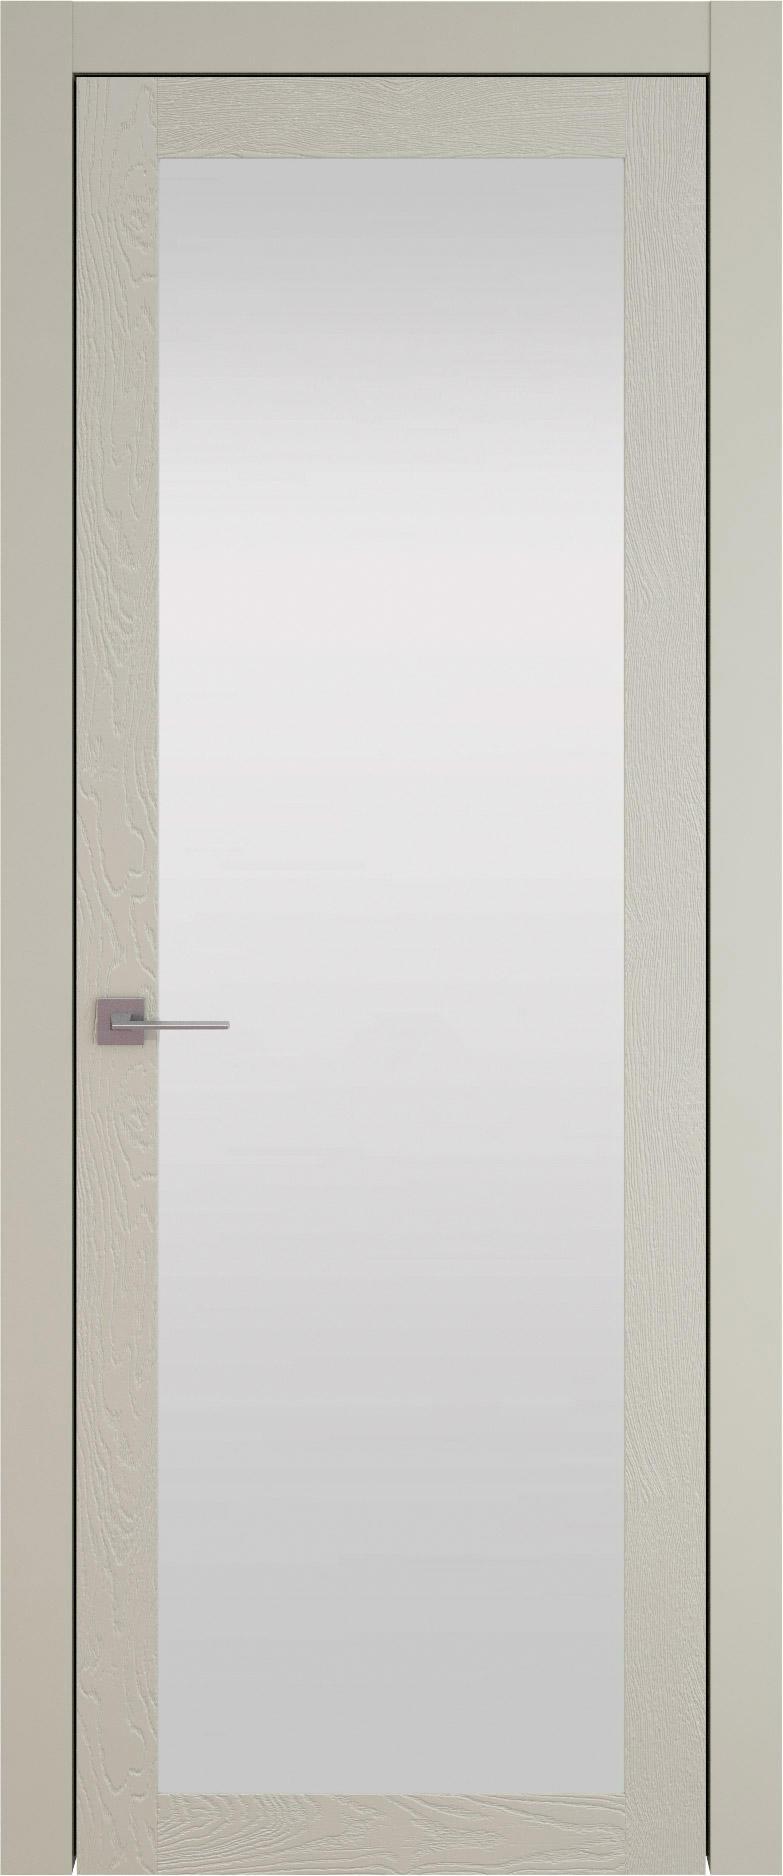 Tivoli З-1 цвет - Серо-оливковая эмаль по шпону (RAL 7032) Со стеклом (ДО)